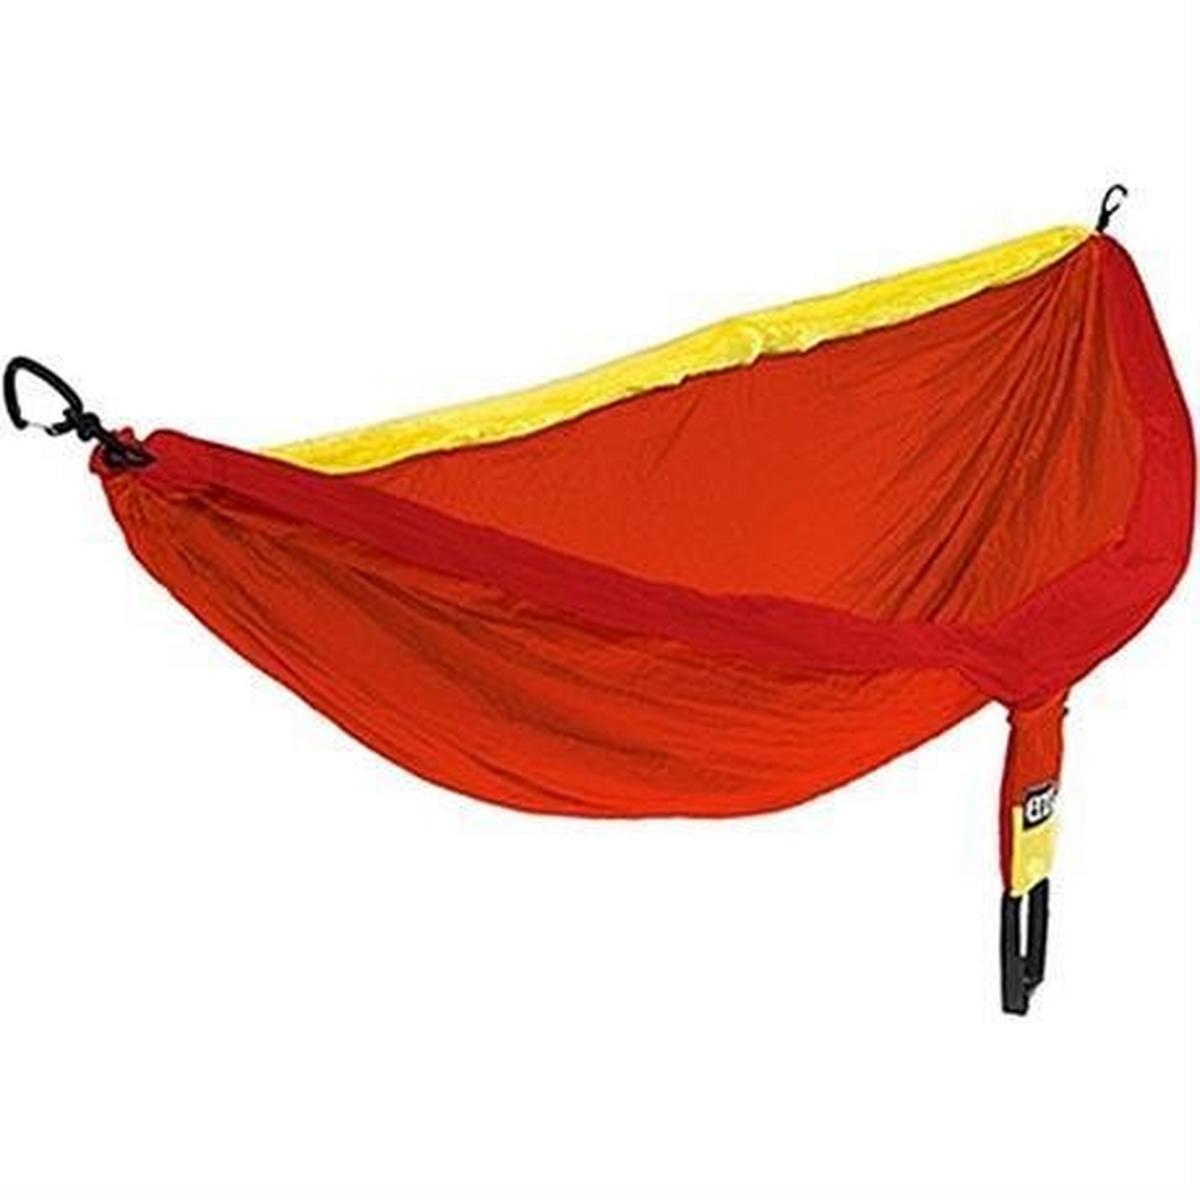 Eagle Nest ENO Hammock DoubleNest Sunshine Orange/Red/Yellow